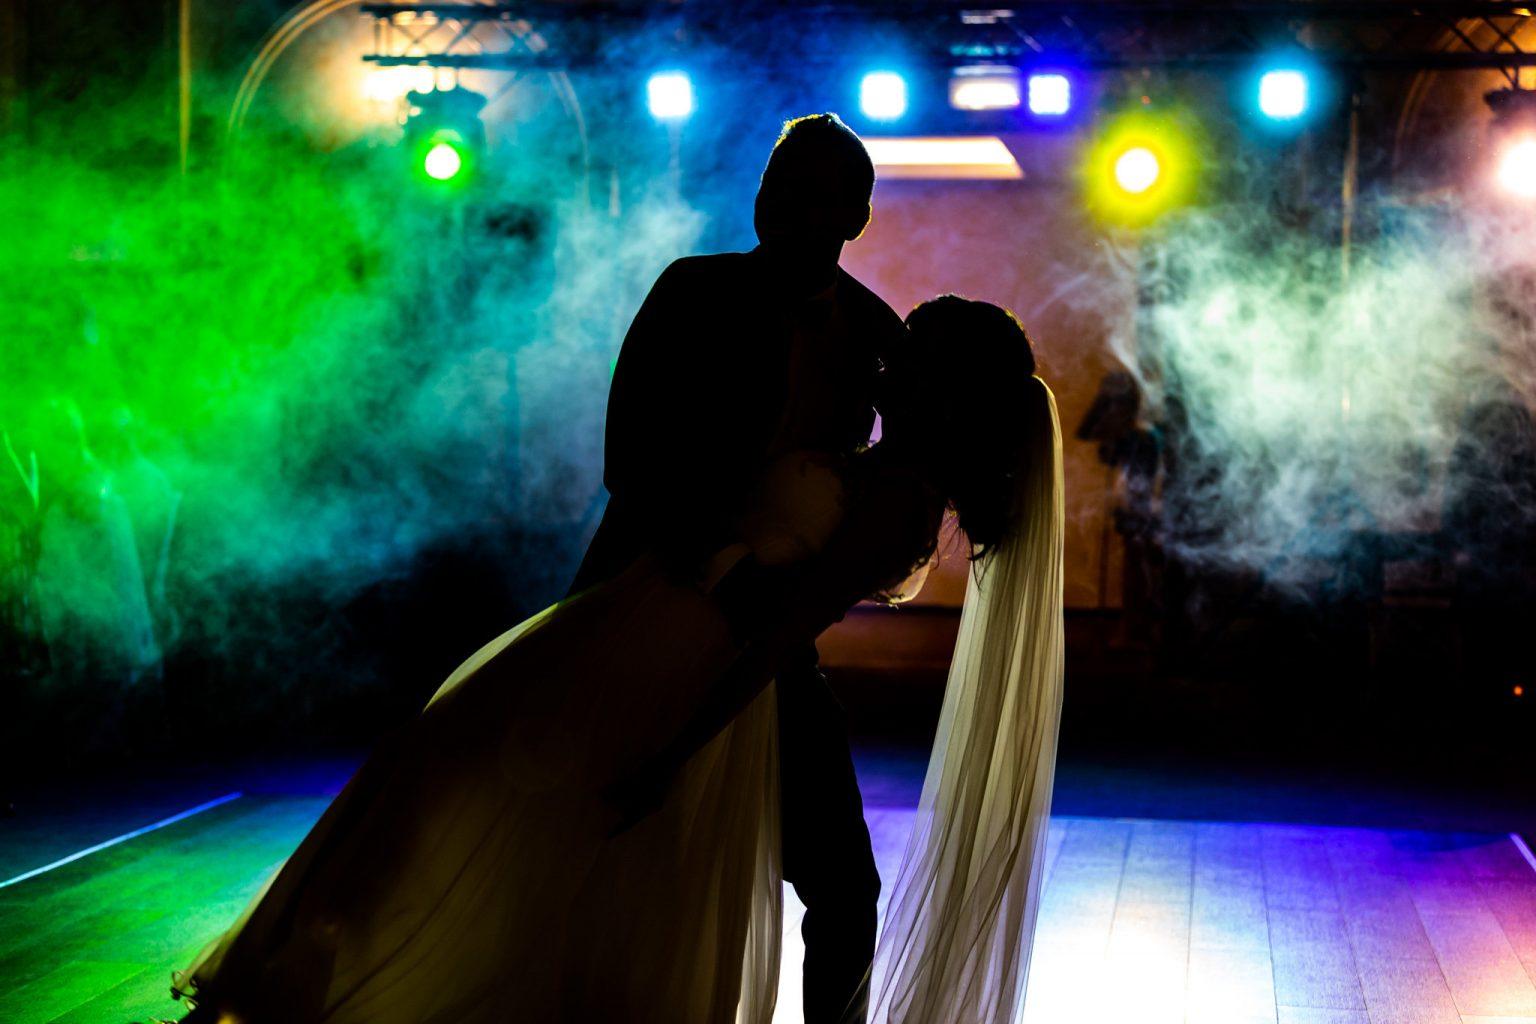 Mofturile anului in alegerea unui fotograf de nunta 2